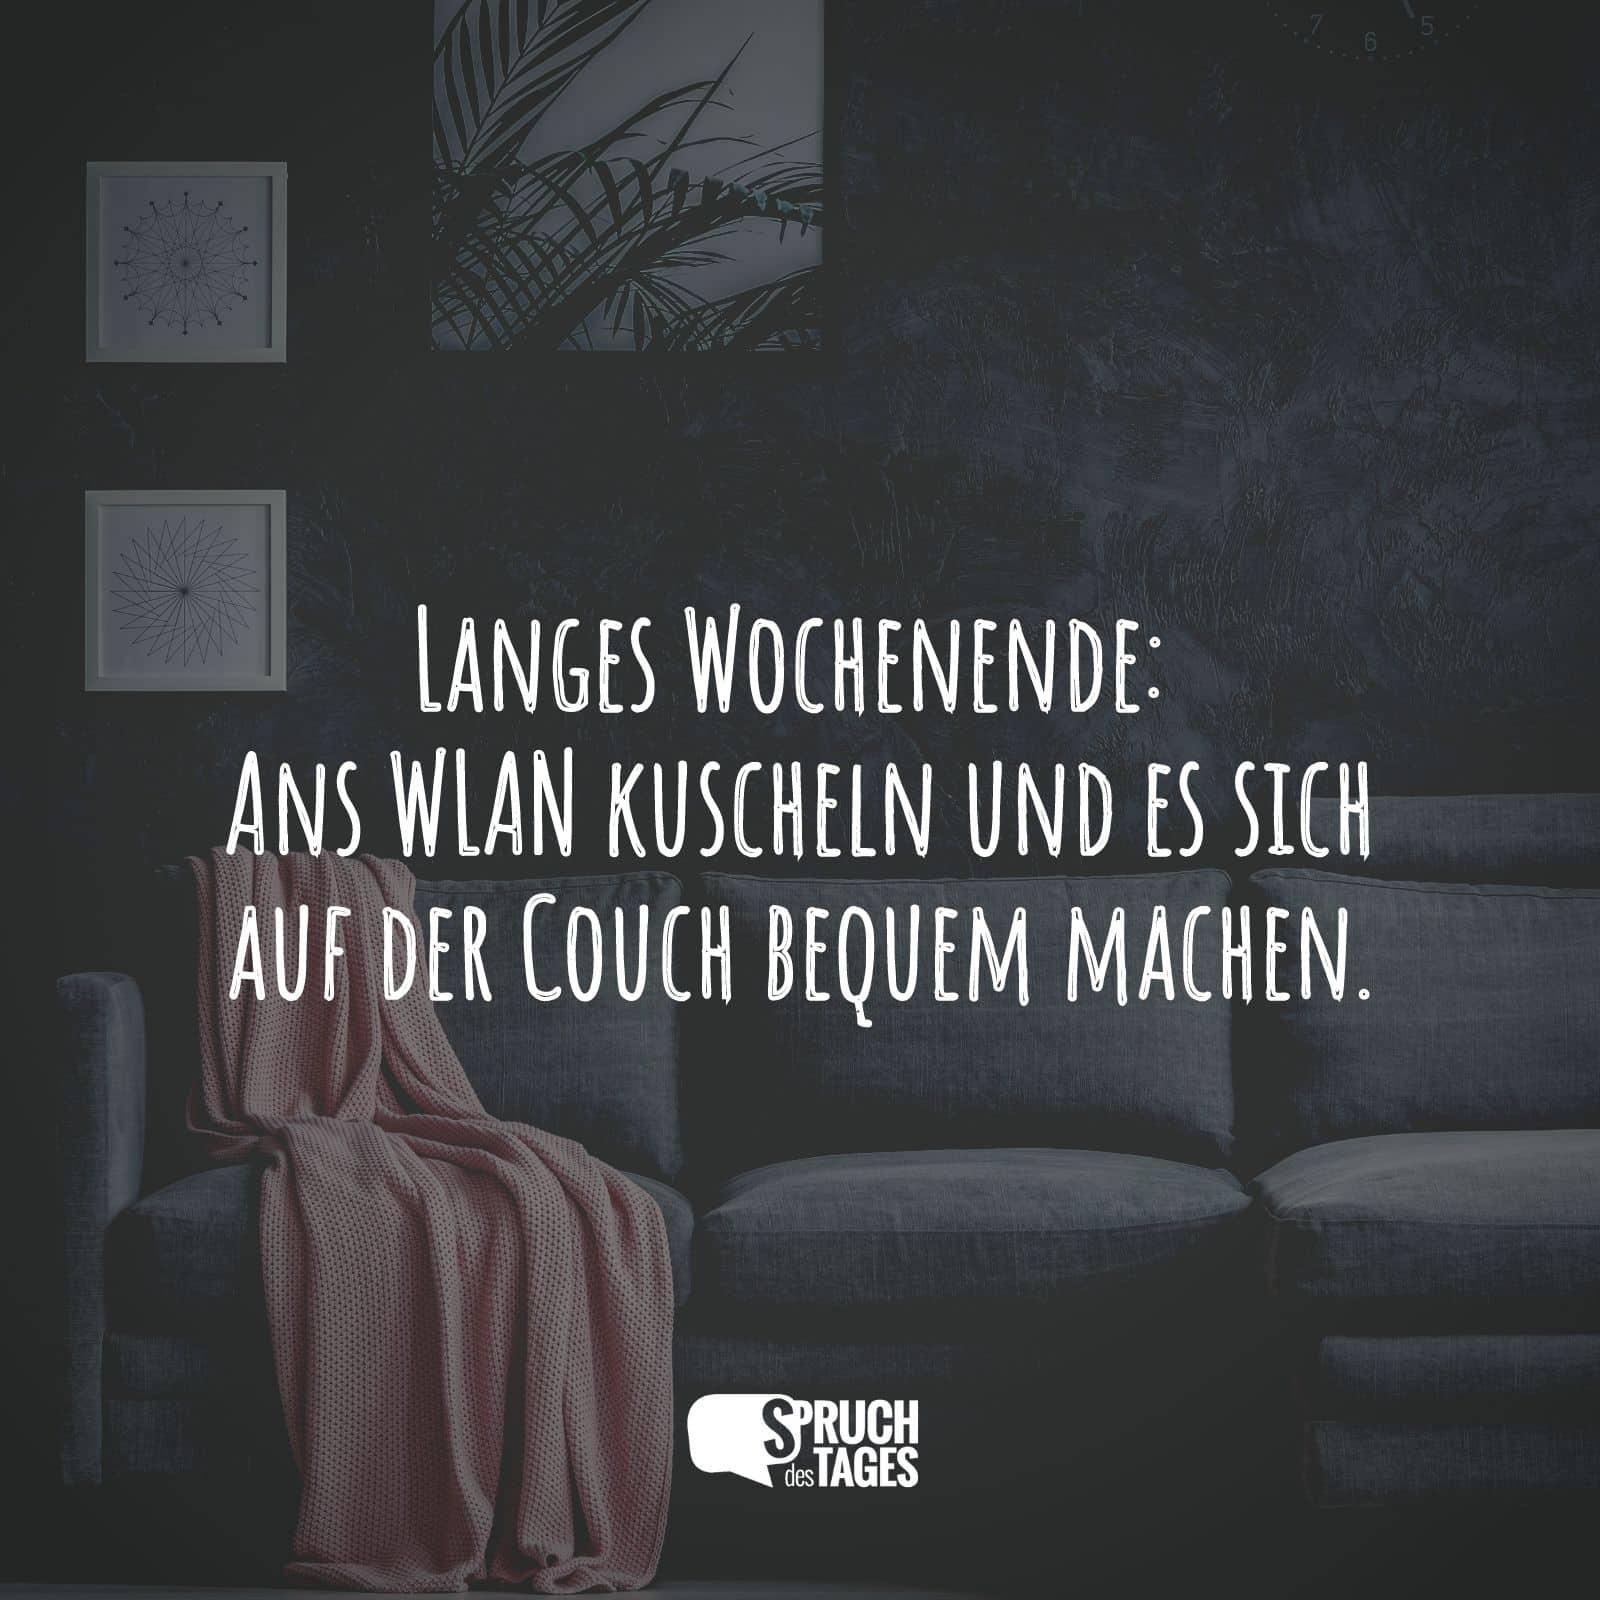 langes wochenende ans wlan kuscheln und es sich auf der couch bequem machen. Black Bedroom Furniture Sets. Home Design Ideas